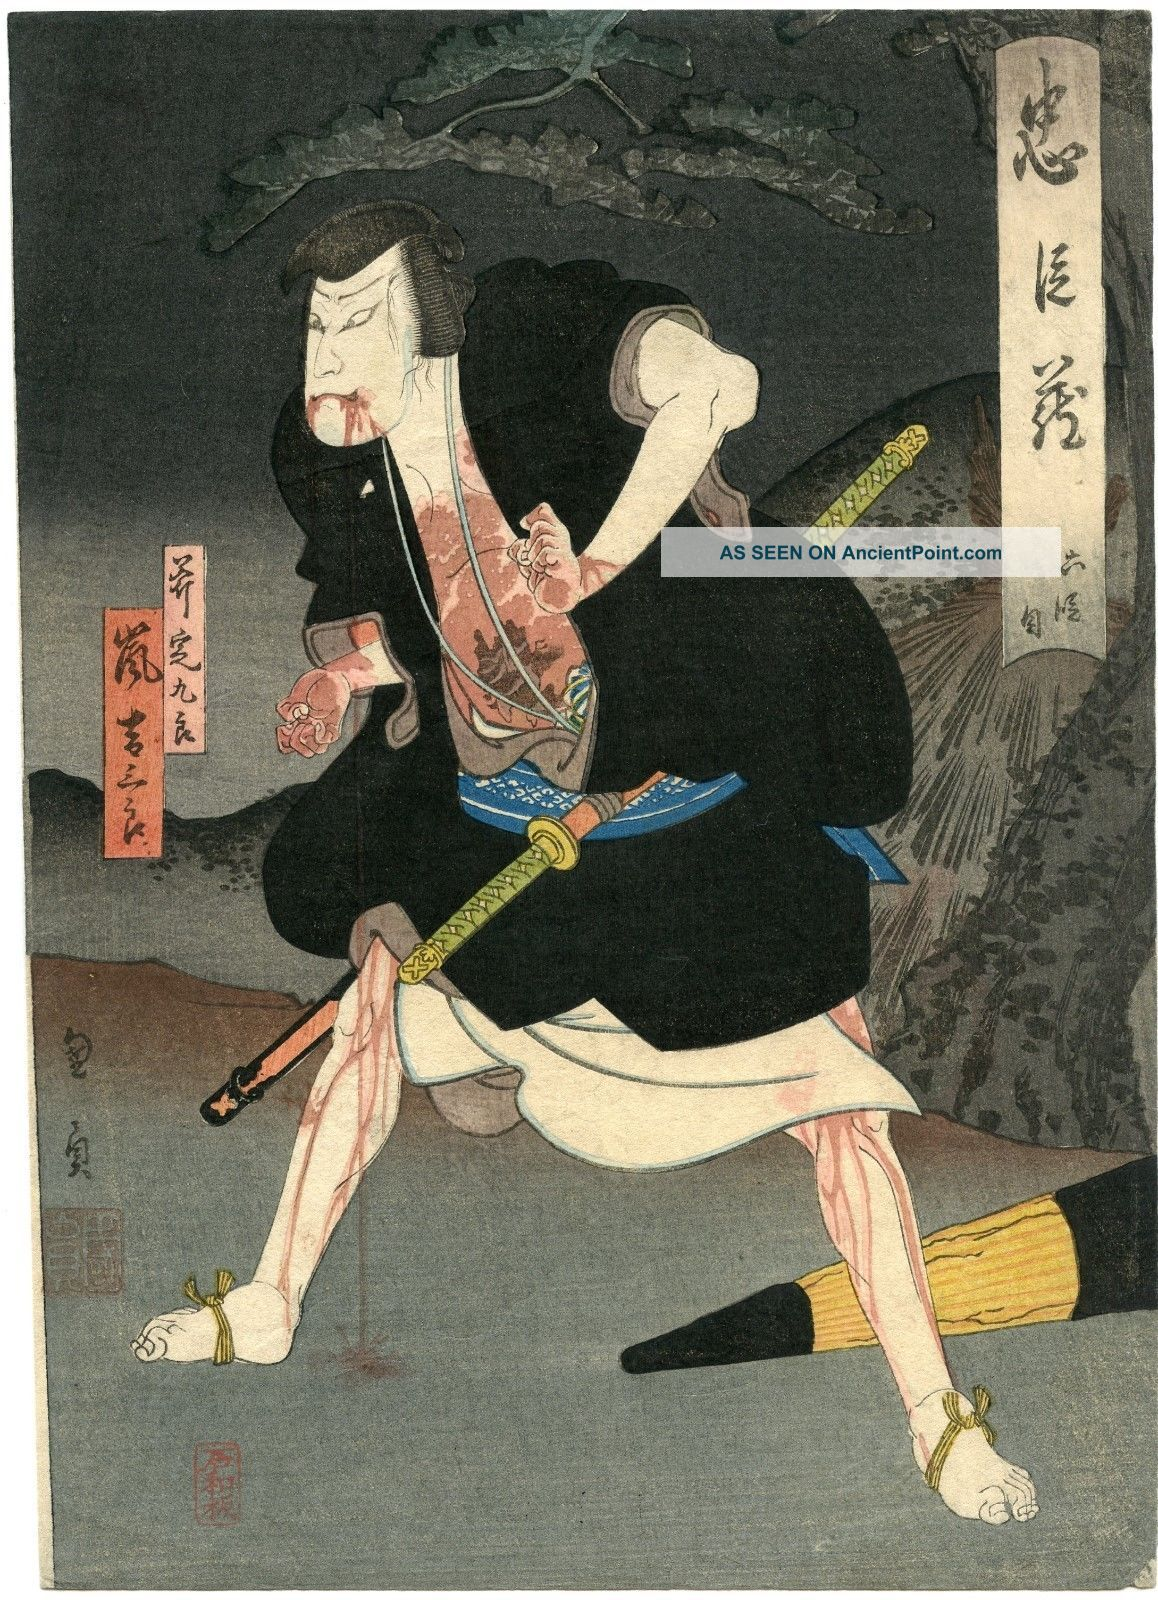 1850 Kunikazu Osaka Sch.  Japanese Woodblock Print Bloody Disemboweled Samurai Prints photo